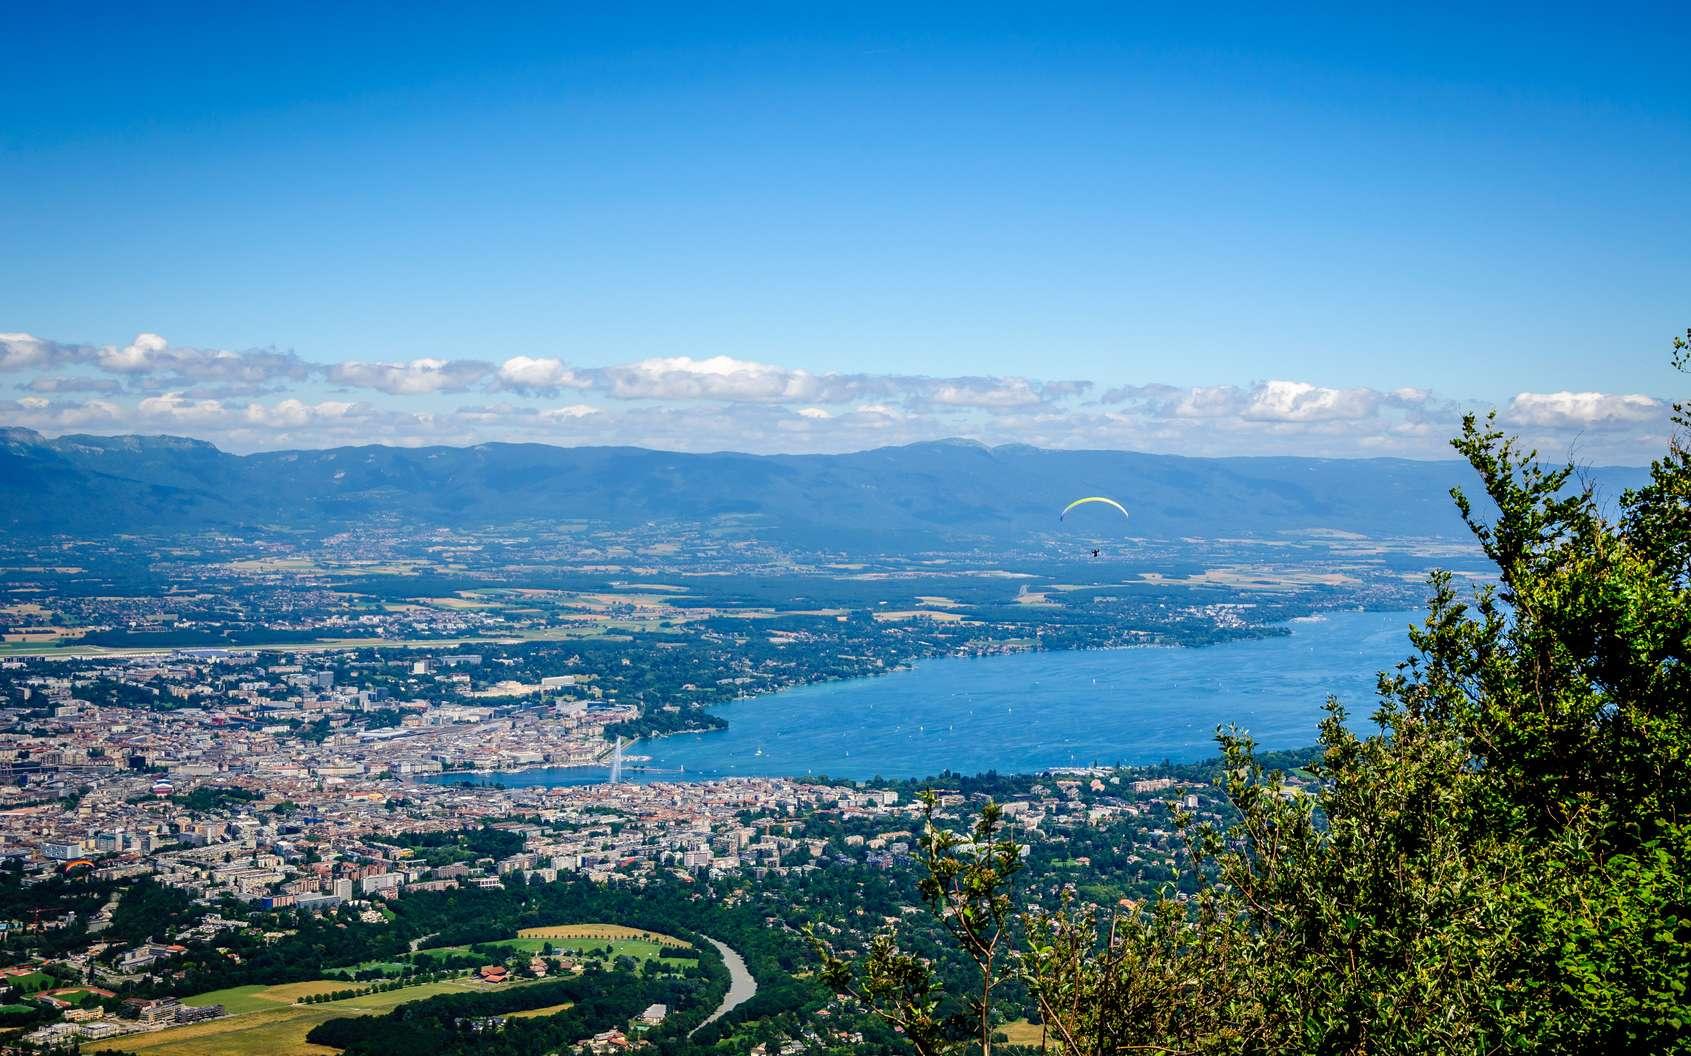 Faire du tourisme au lac Léman c'est profiter de la nature et visiter des sites touristiques d'un grand intérêt historique et culturel. © jasckal, Fotolia